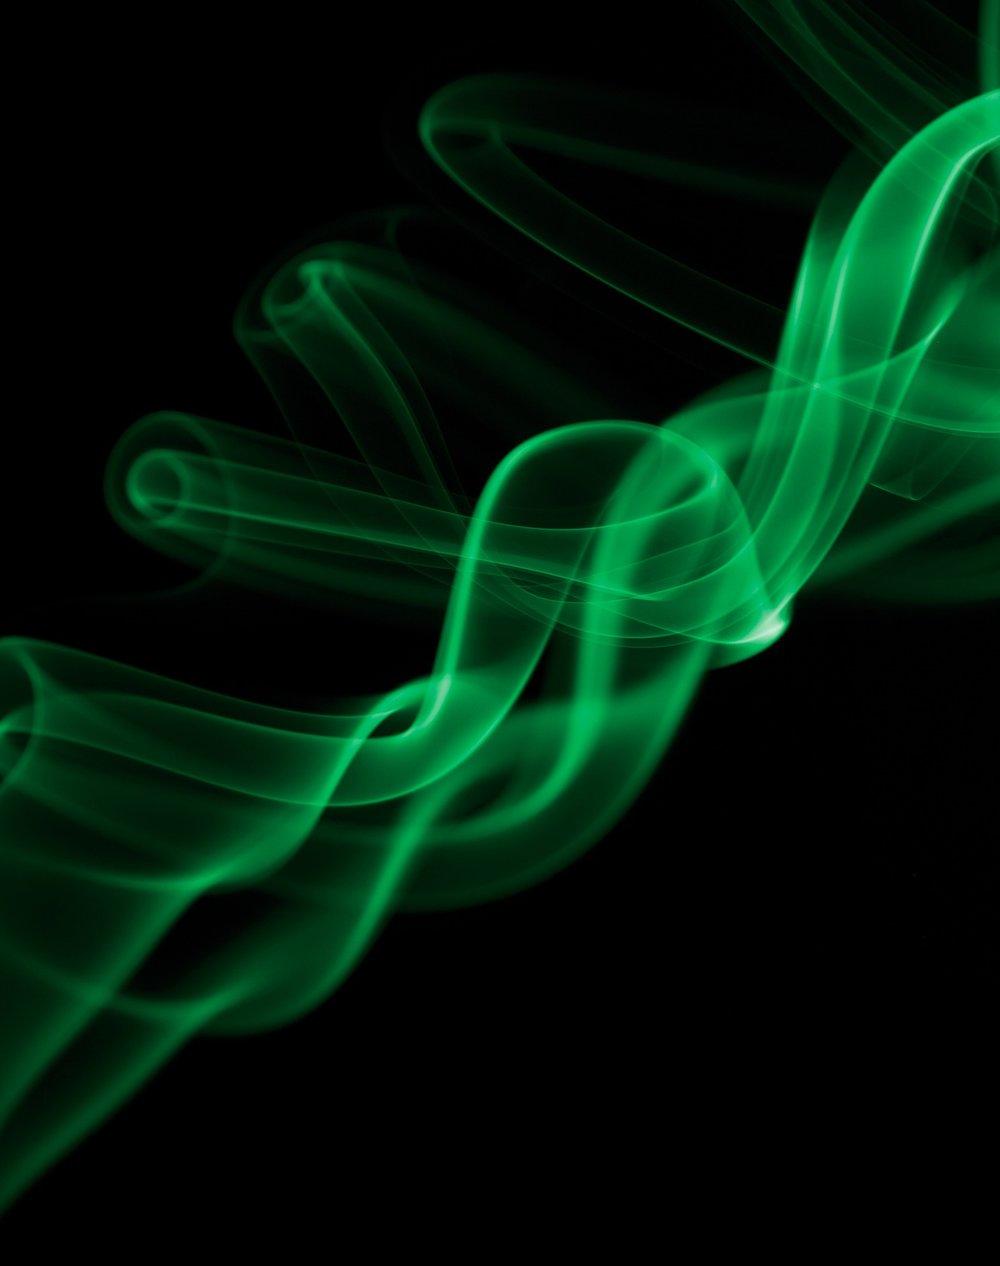 smoke-2931939_1920.jpg